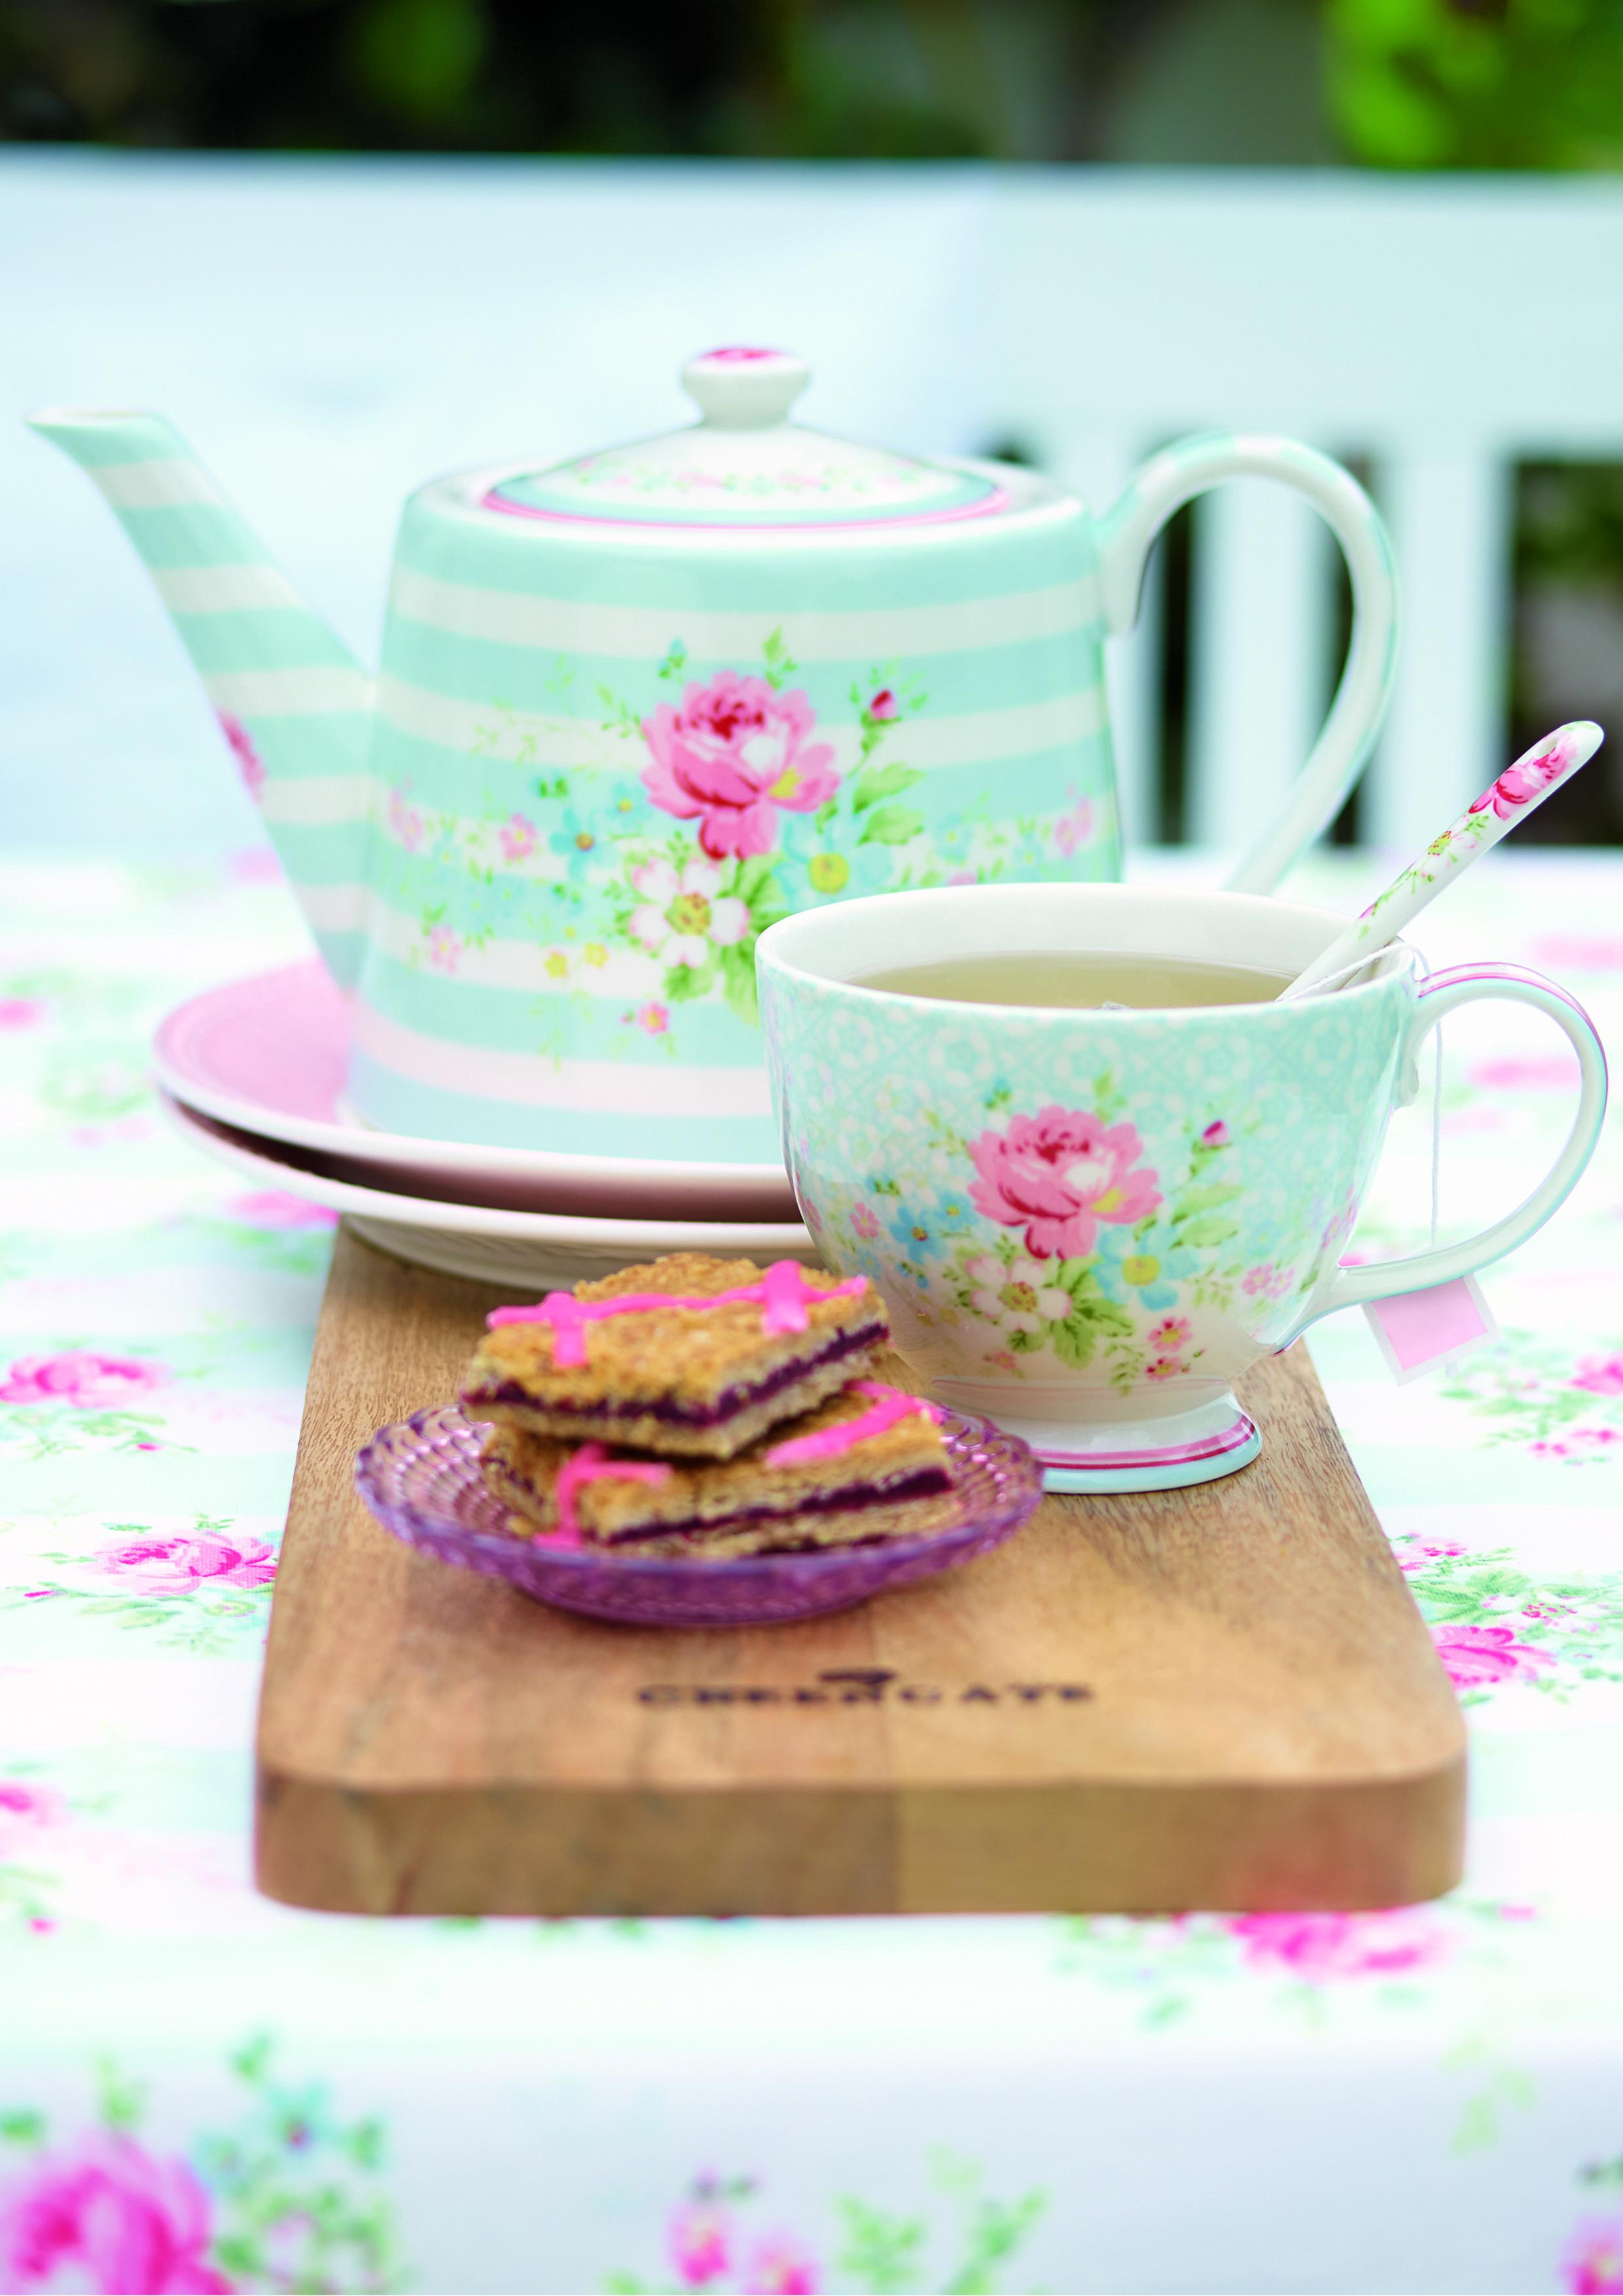 shabby chic und landhaus stil bei pinkmilk entdecken geschirr dekoration und wohnaccessoires. Black Bedroom Furniture Sets. Home Design Ideas